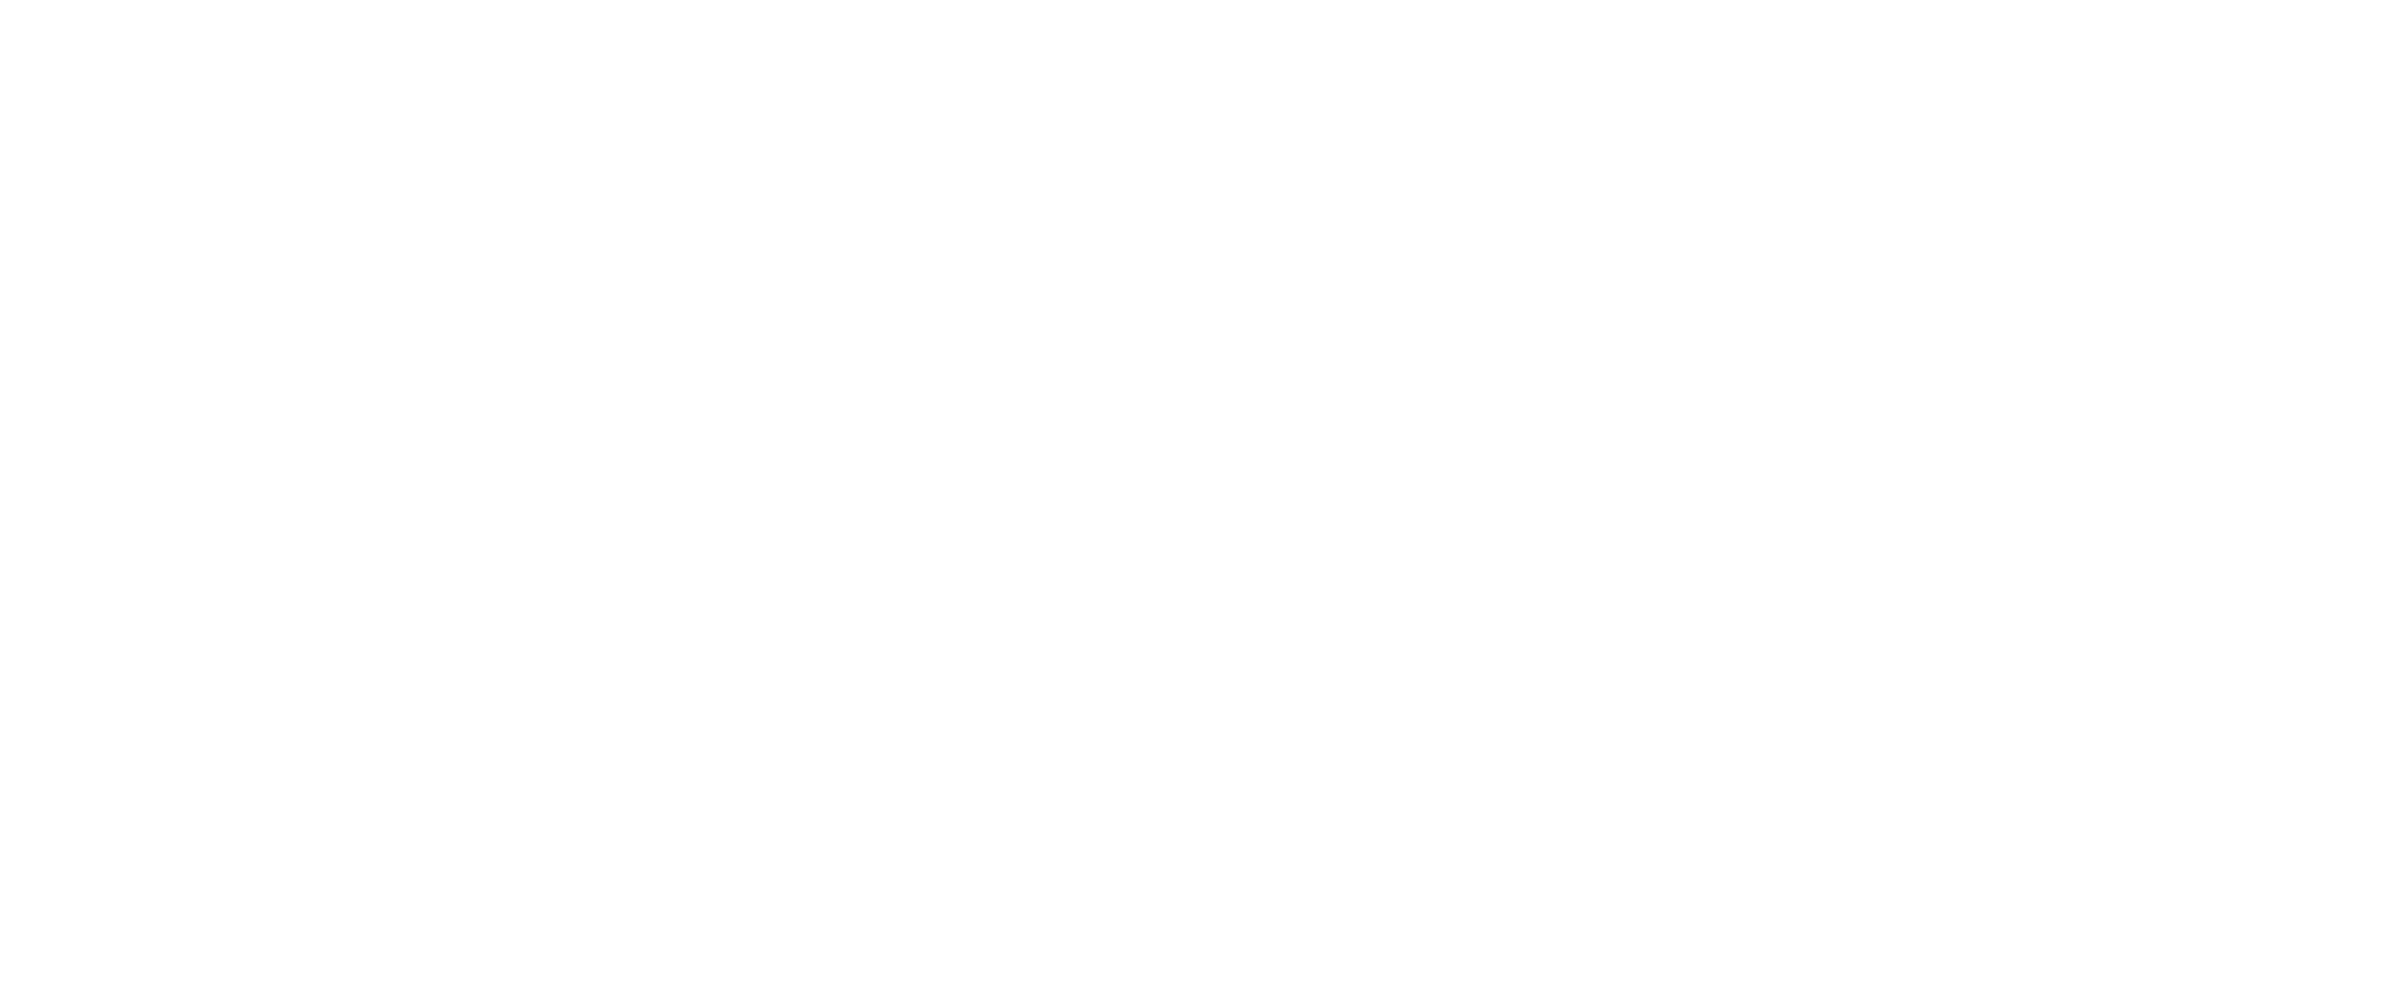 human@human